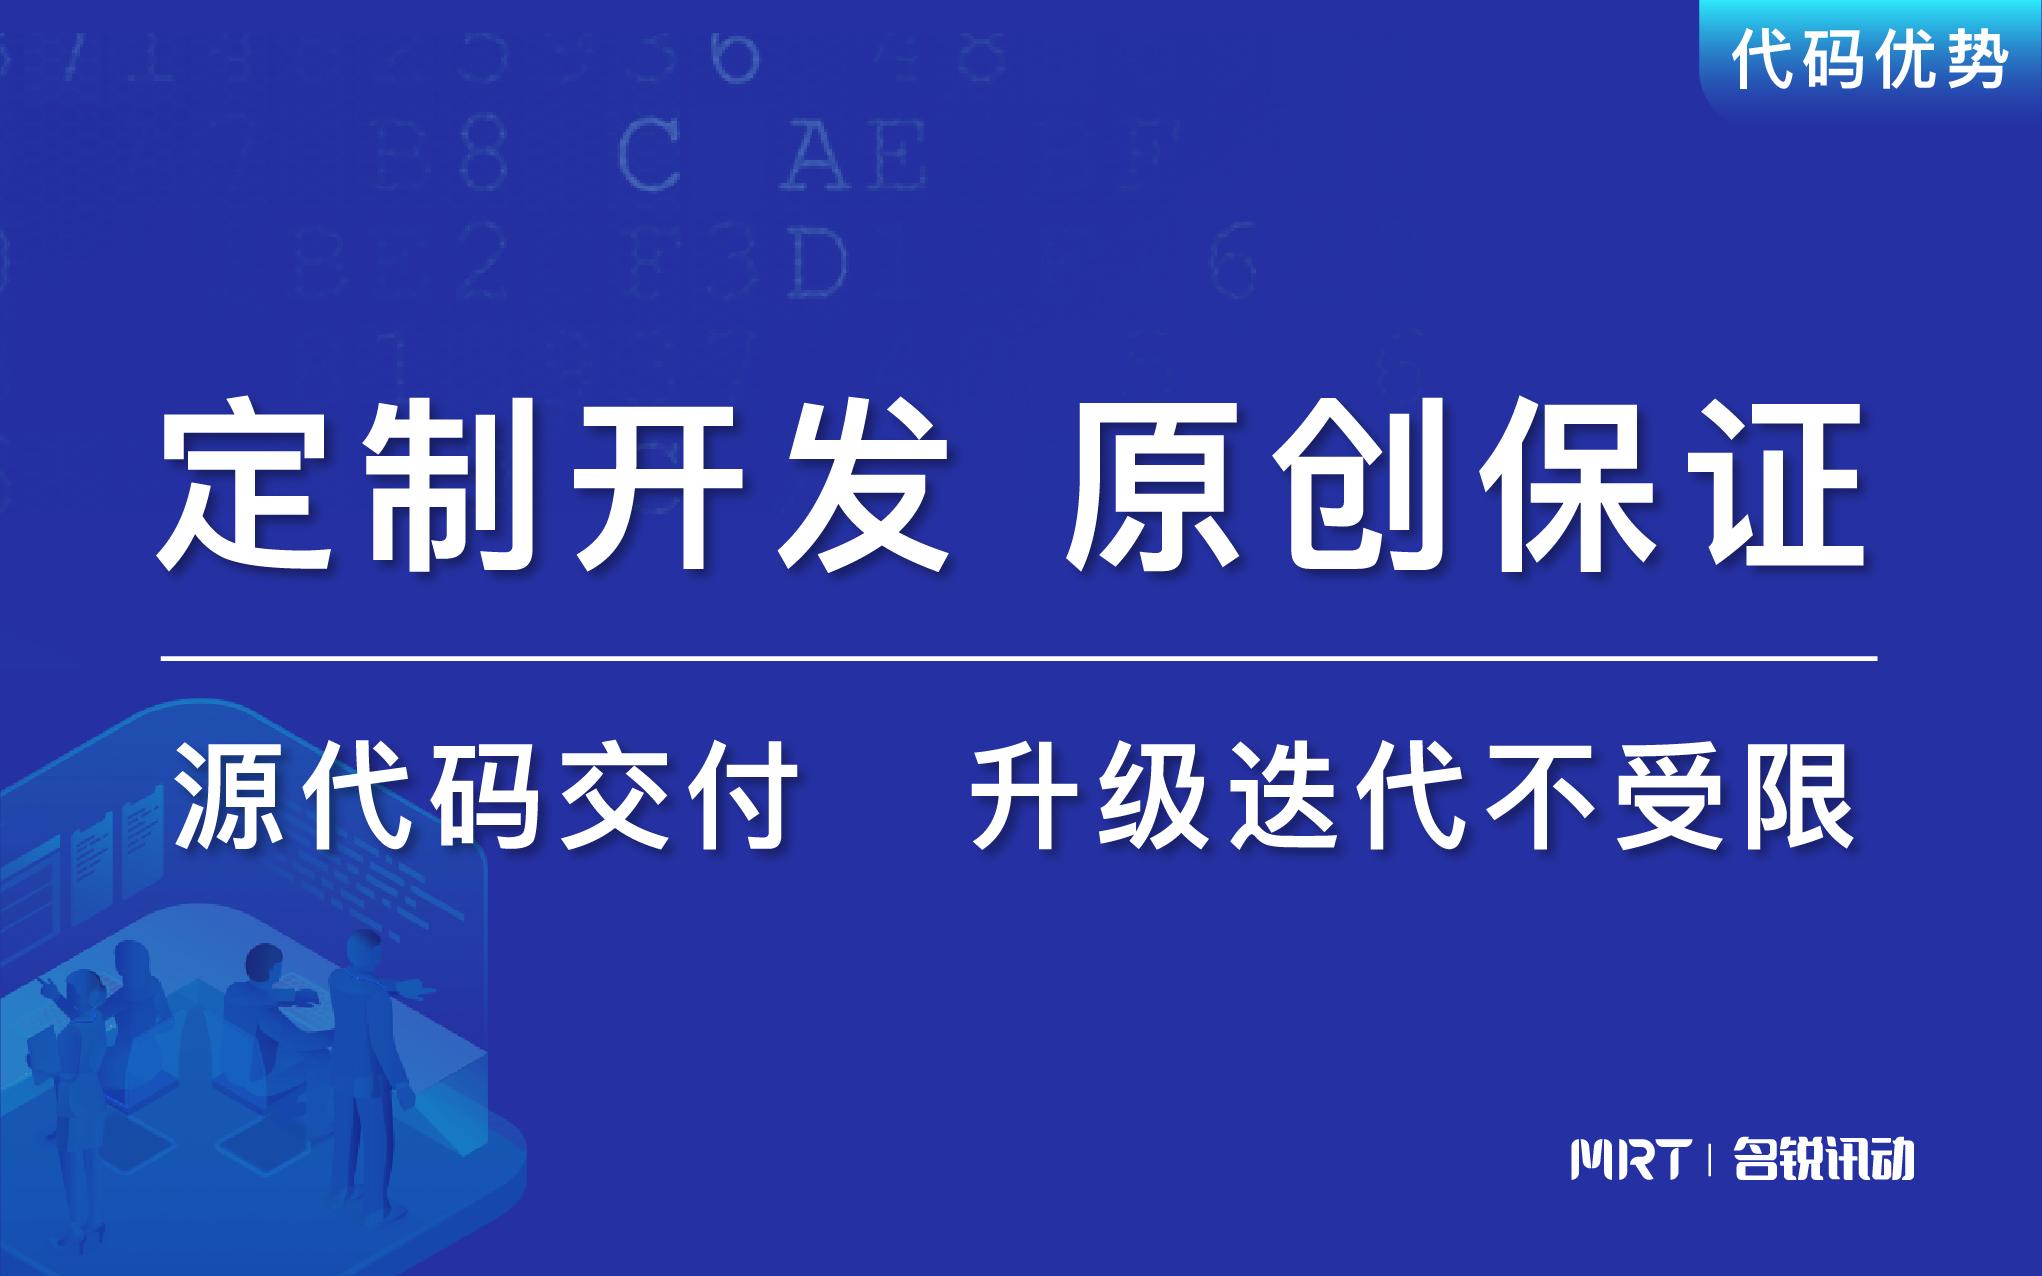 APP开发 社交 医疗 商城 电商 教育 旅游 软件定制开发